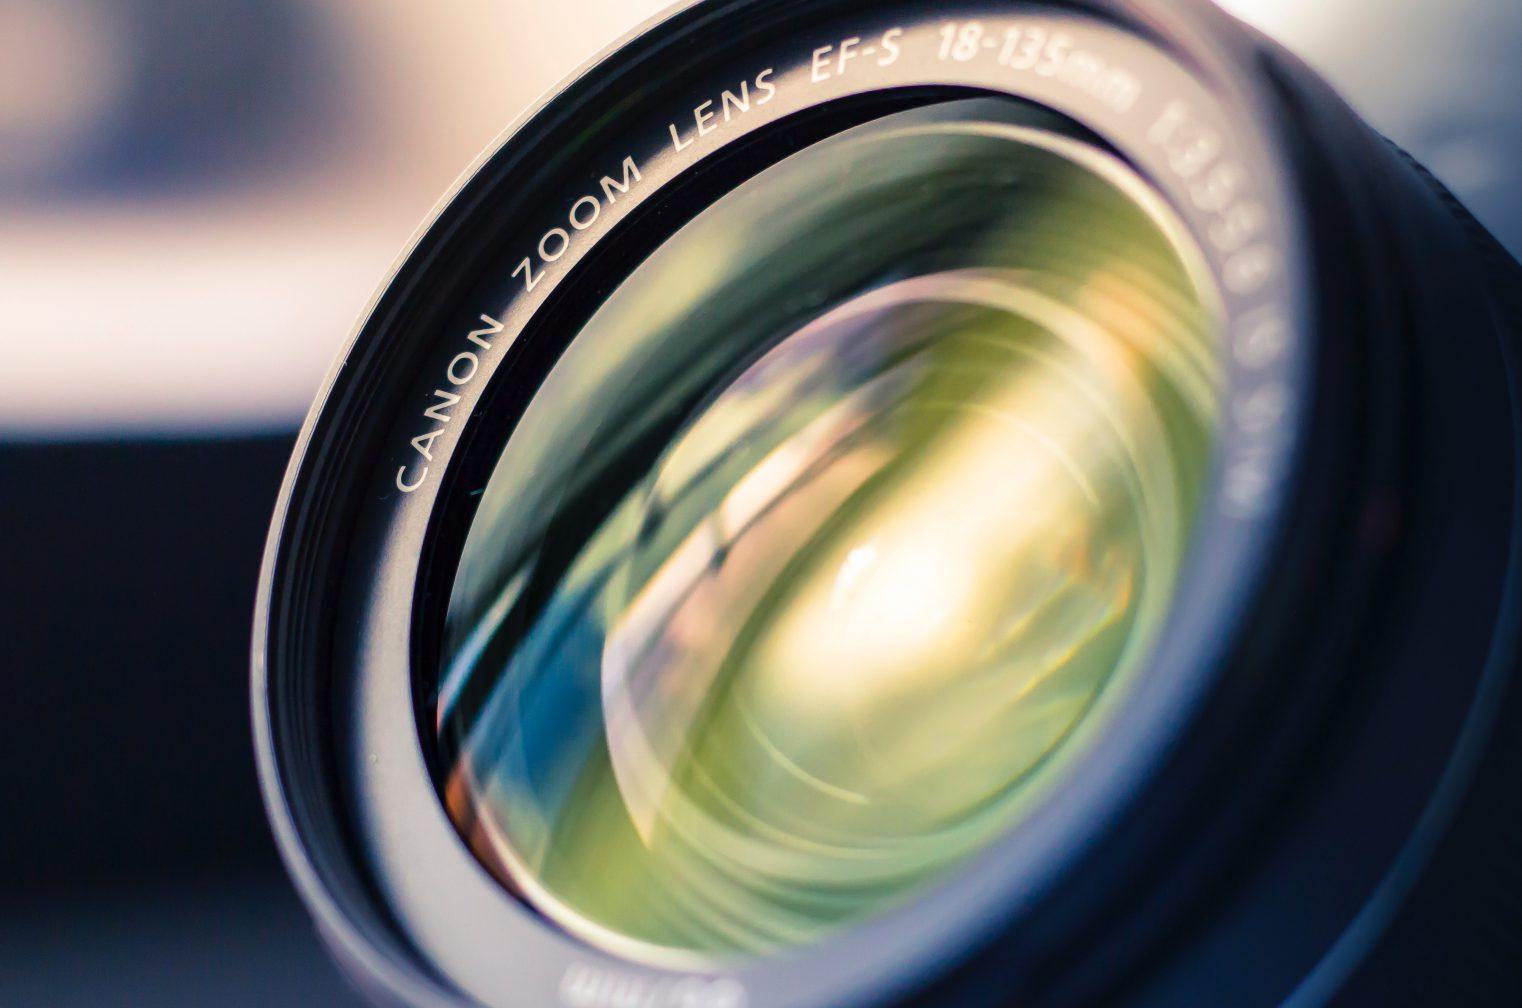 撮像素子「フルサイズ」と「APS-C」の違い 【デジタルカメラの基礎講座(第4回)】